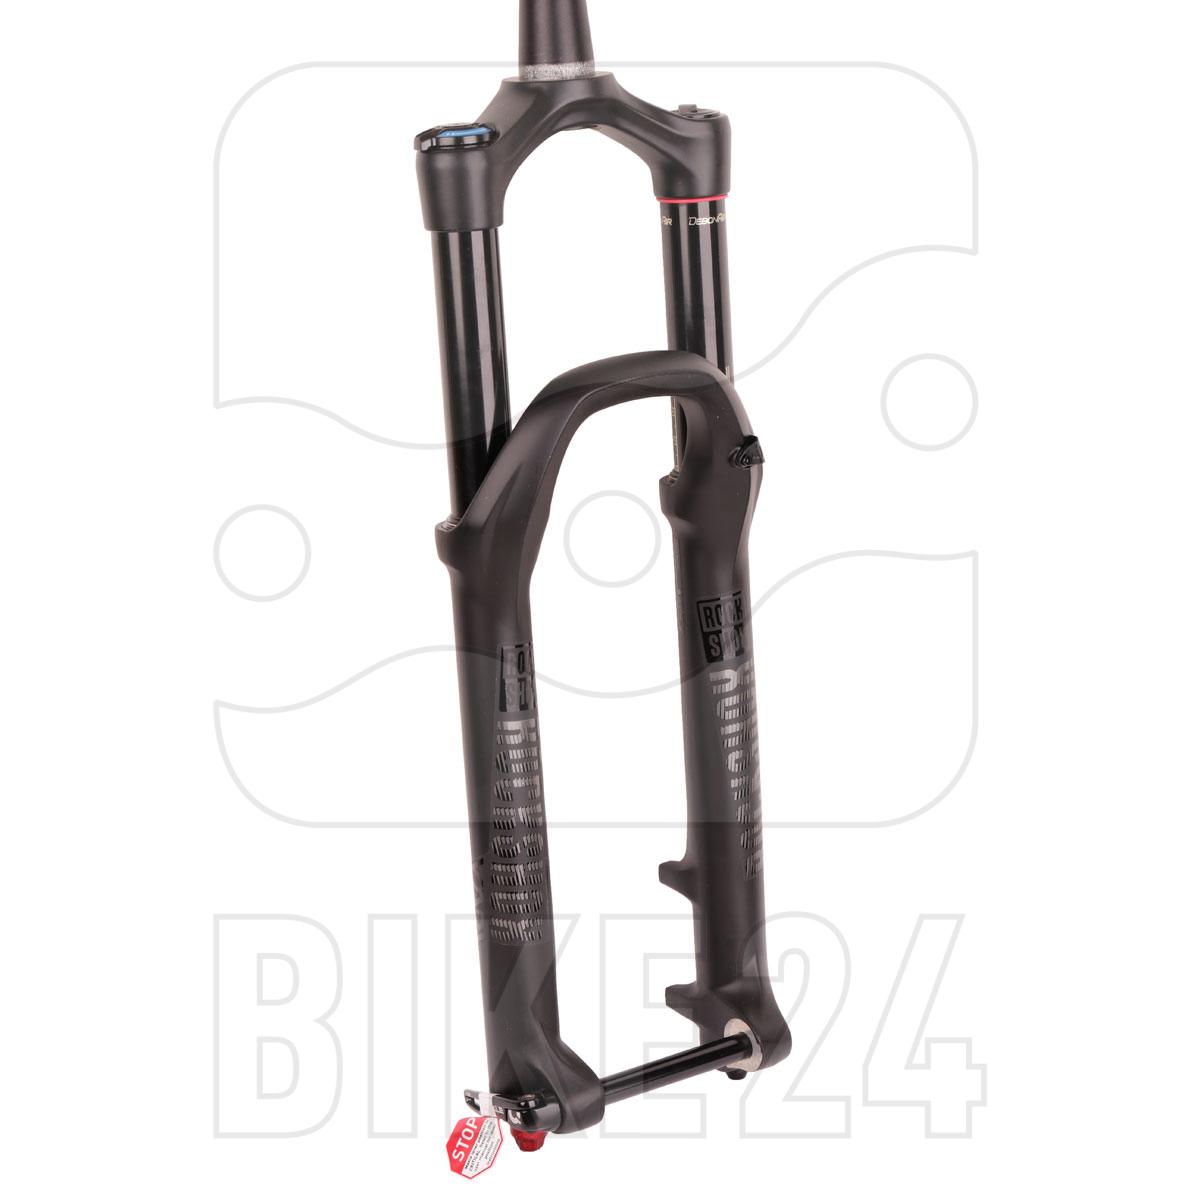 Amortyzator rowerowy RockShox Yari RC Debon Air 27,5 160mm 15x110mm Boost 345€ + 5,99 €